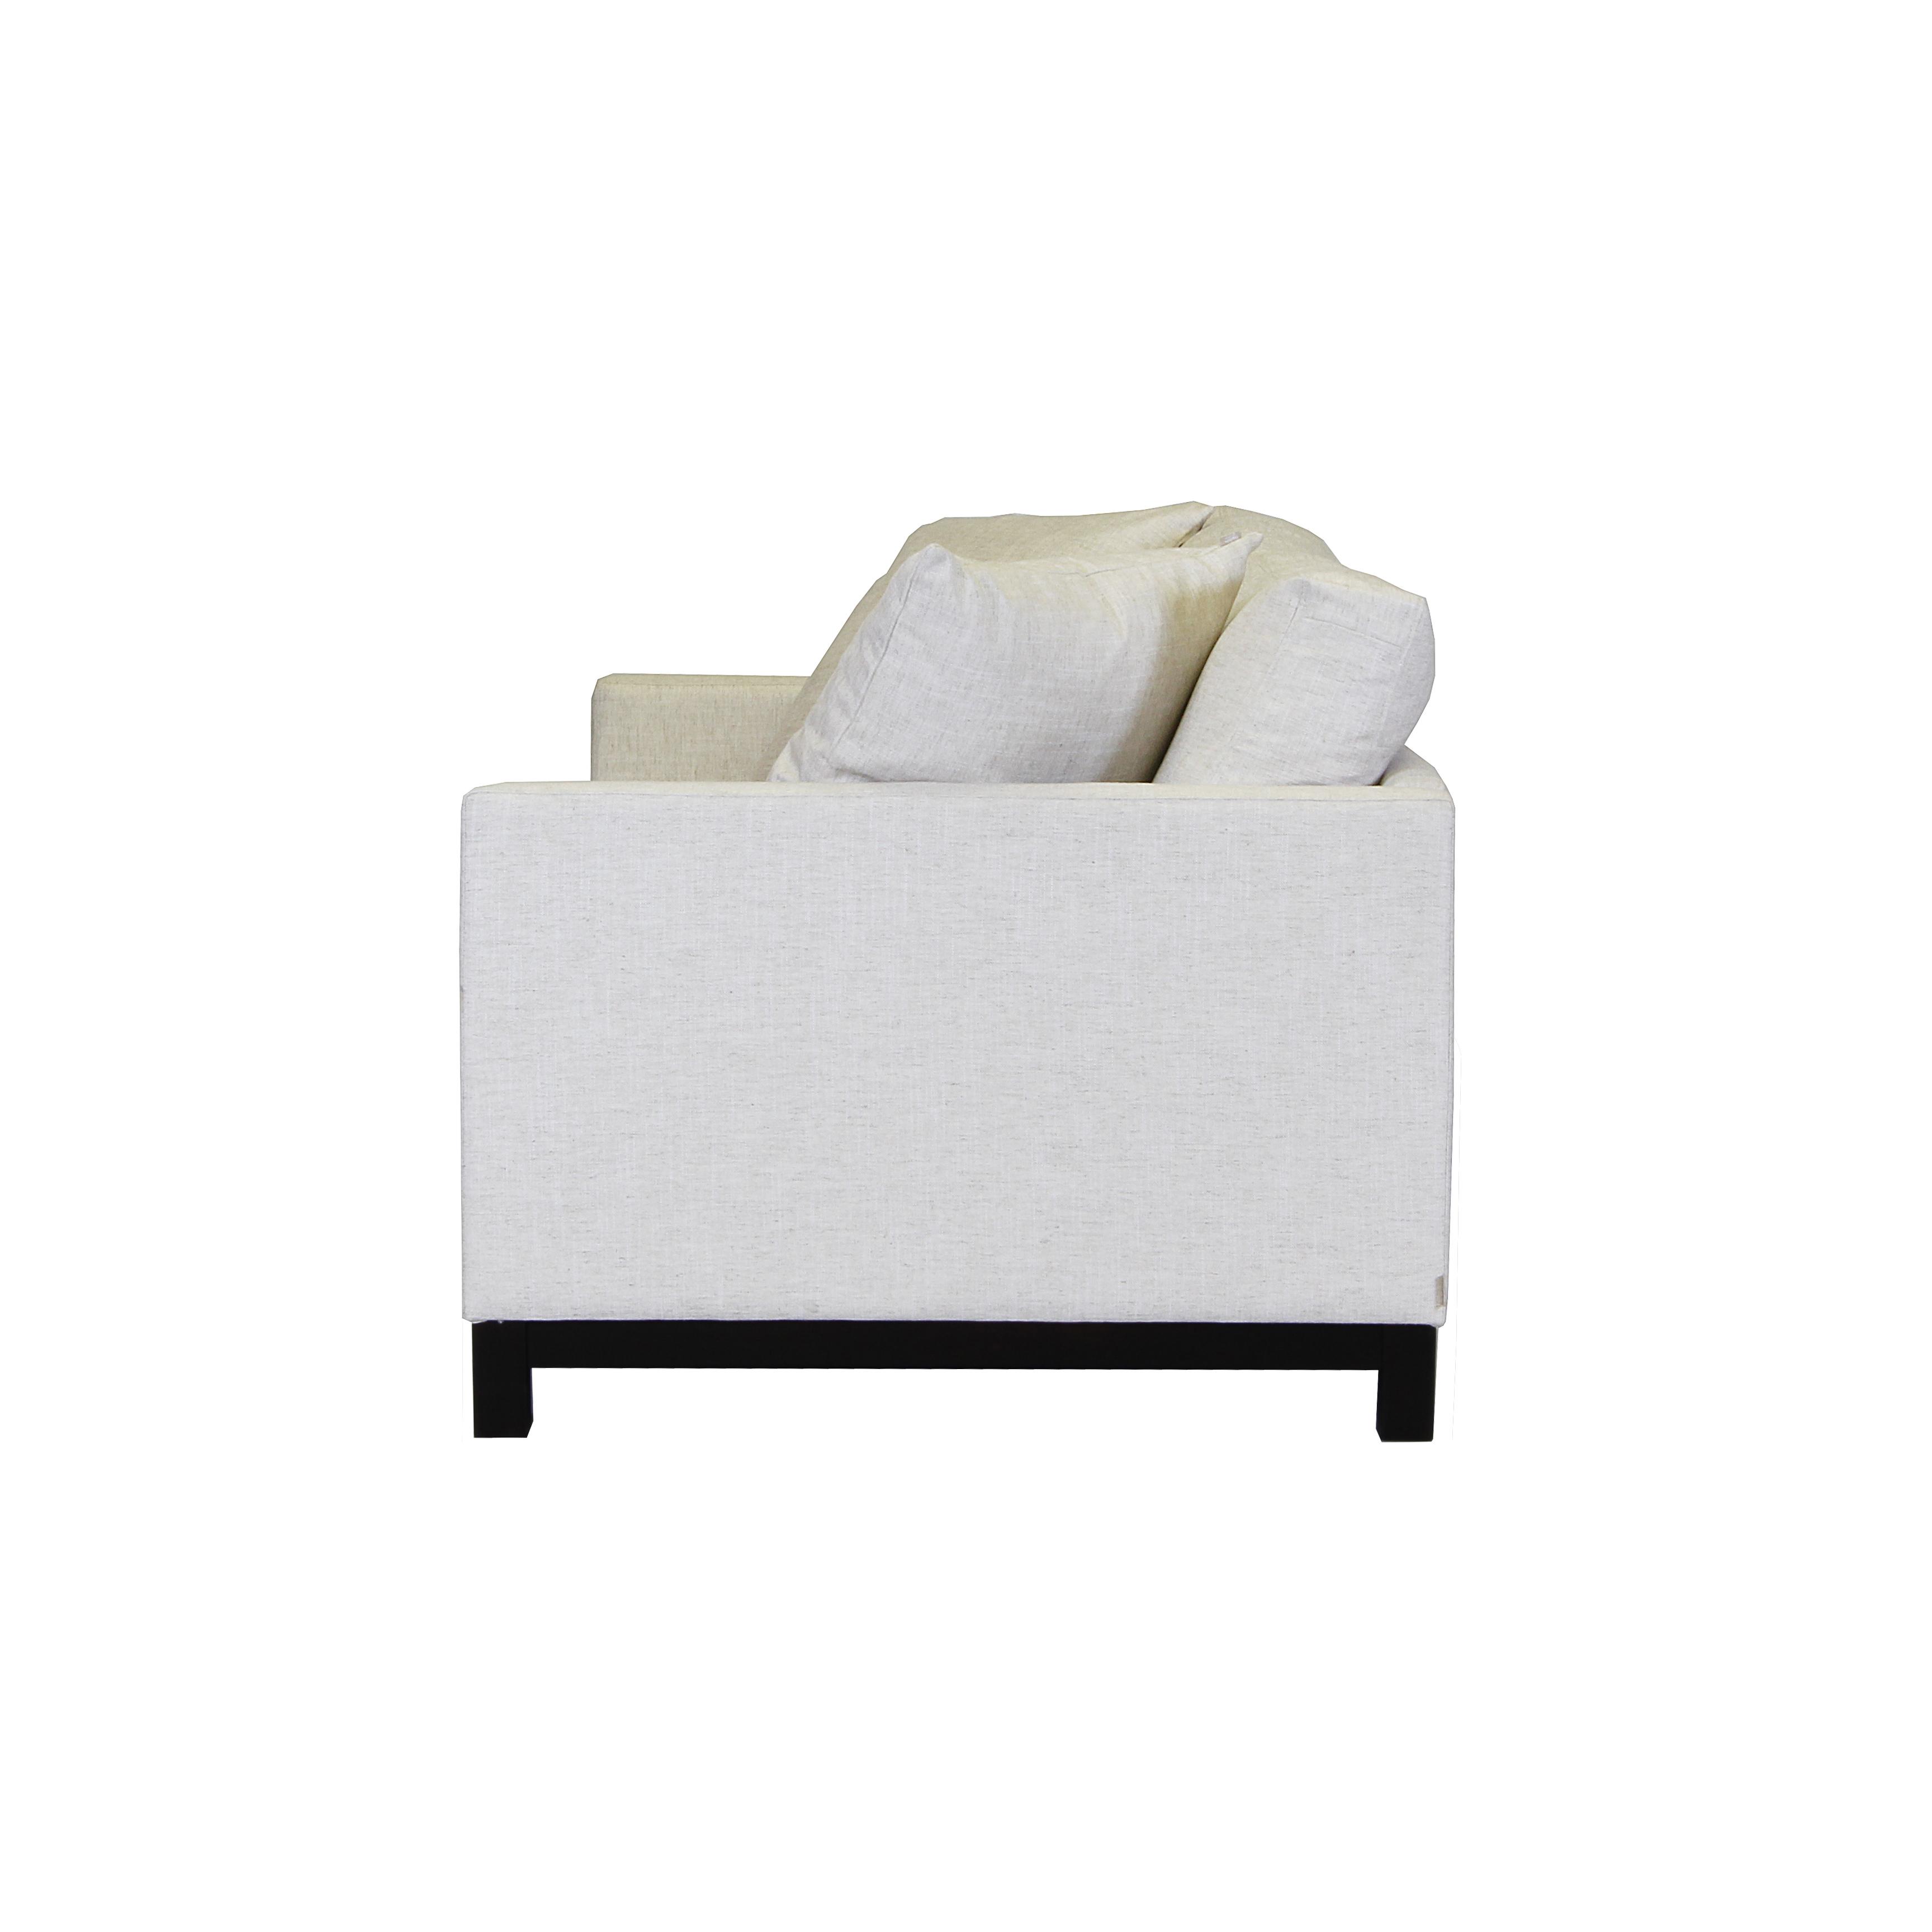 Somerville soffa 3-sits från sidan - englesson.se